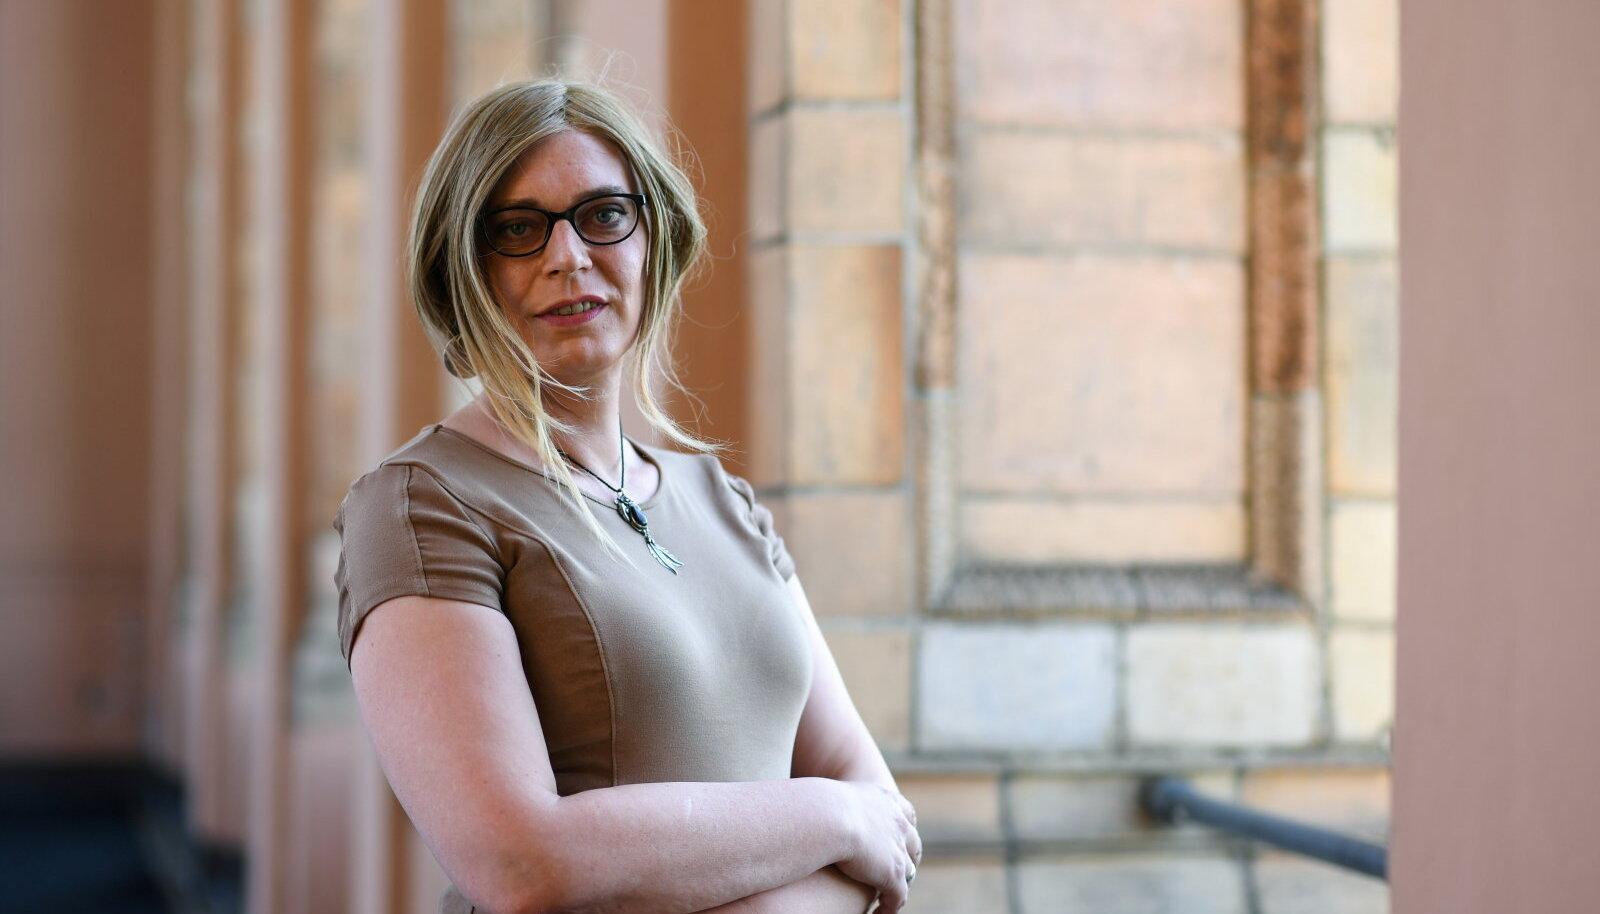 Тесса (Маркус) Ганзерер — депутат баварского ландтага с 2013 года, в ноябре 2018 года она публично объявила, что является транссексуалкой